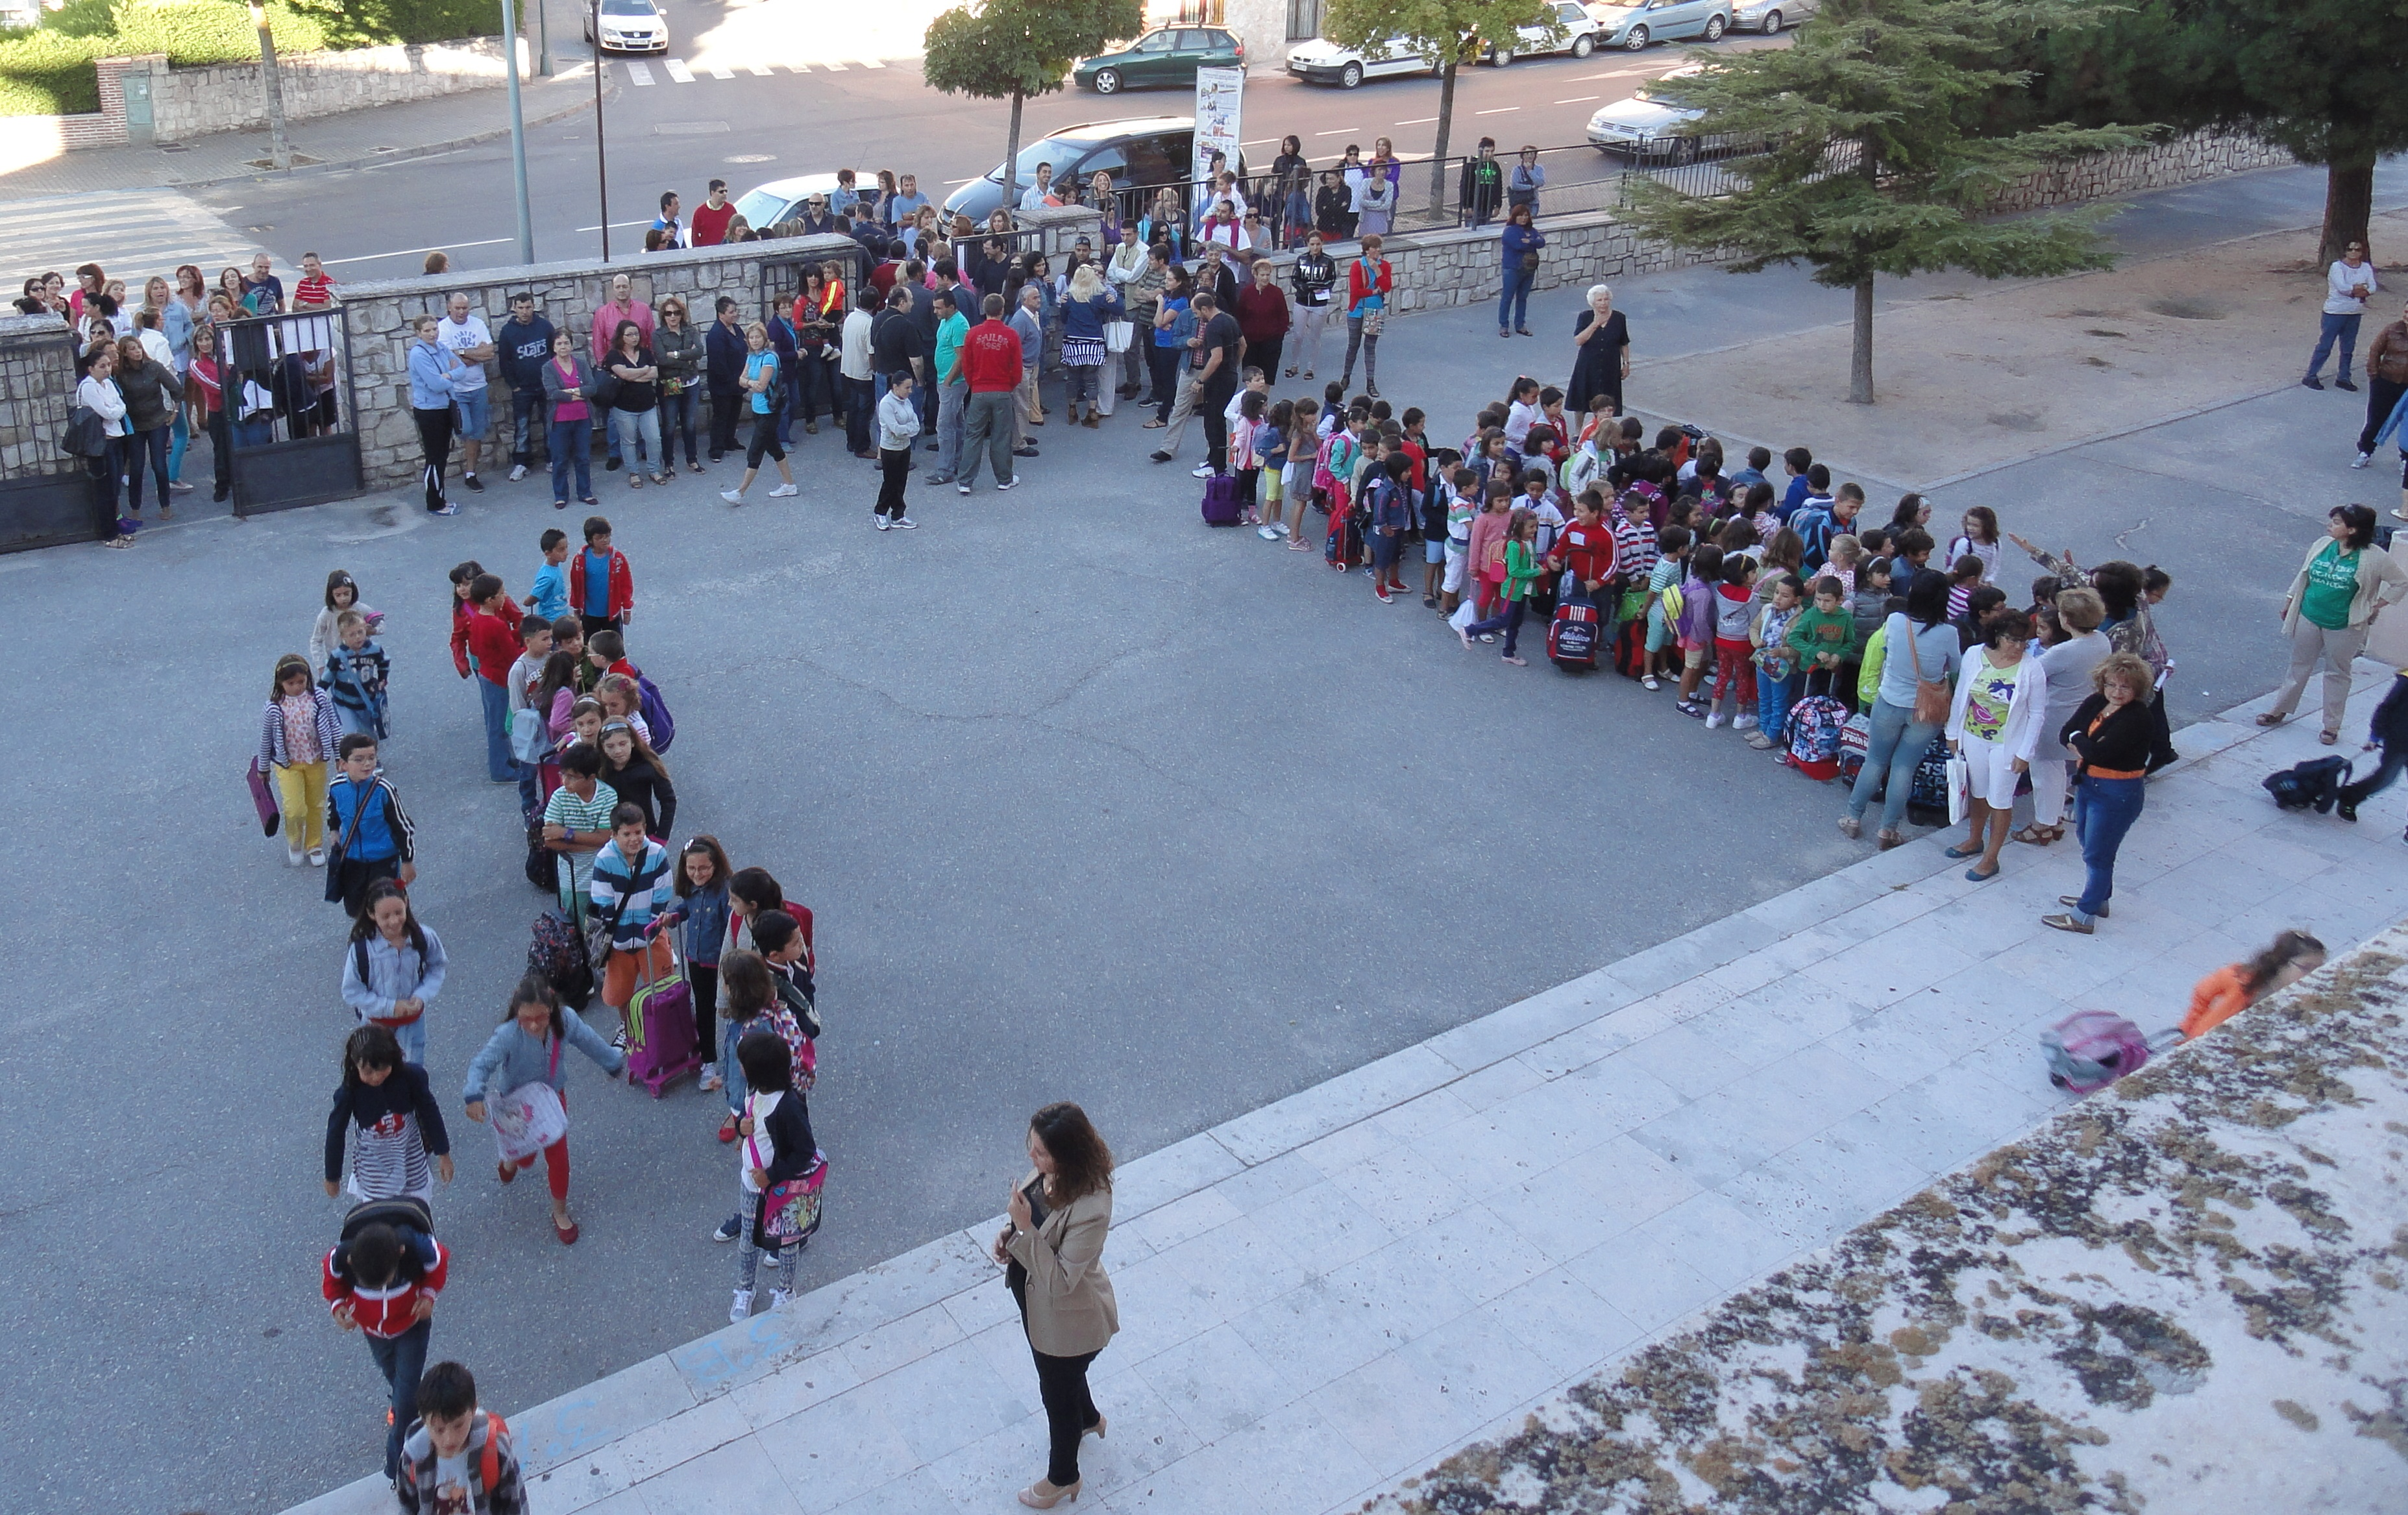 Los alumnos del CEIP Santa Clara de Cuéllar entran en el colegio. / C. SANCHO